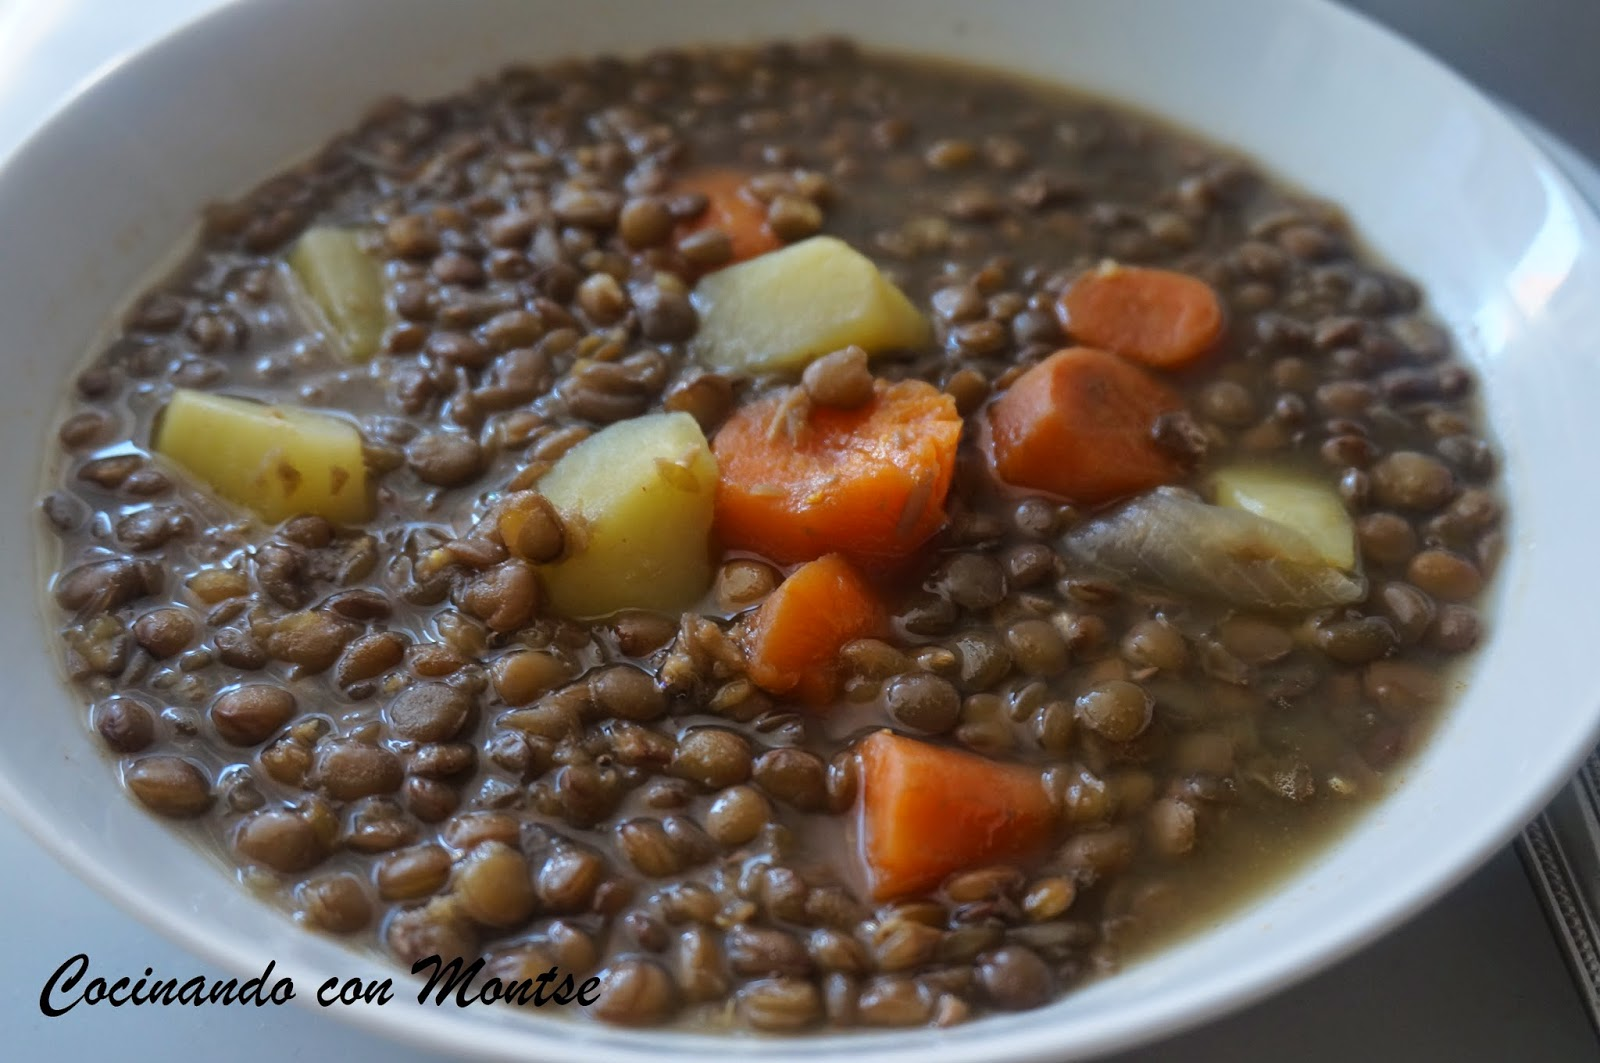 Cocinando con montse lentejas con verduras - Lentejas con costillas y patatas ...